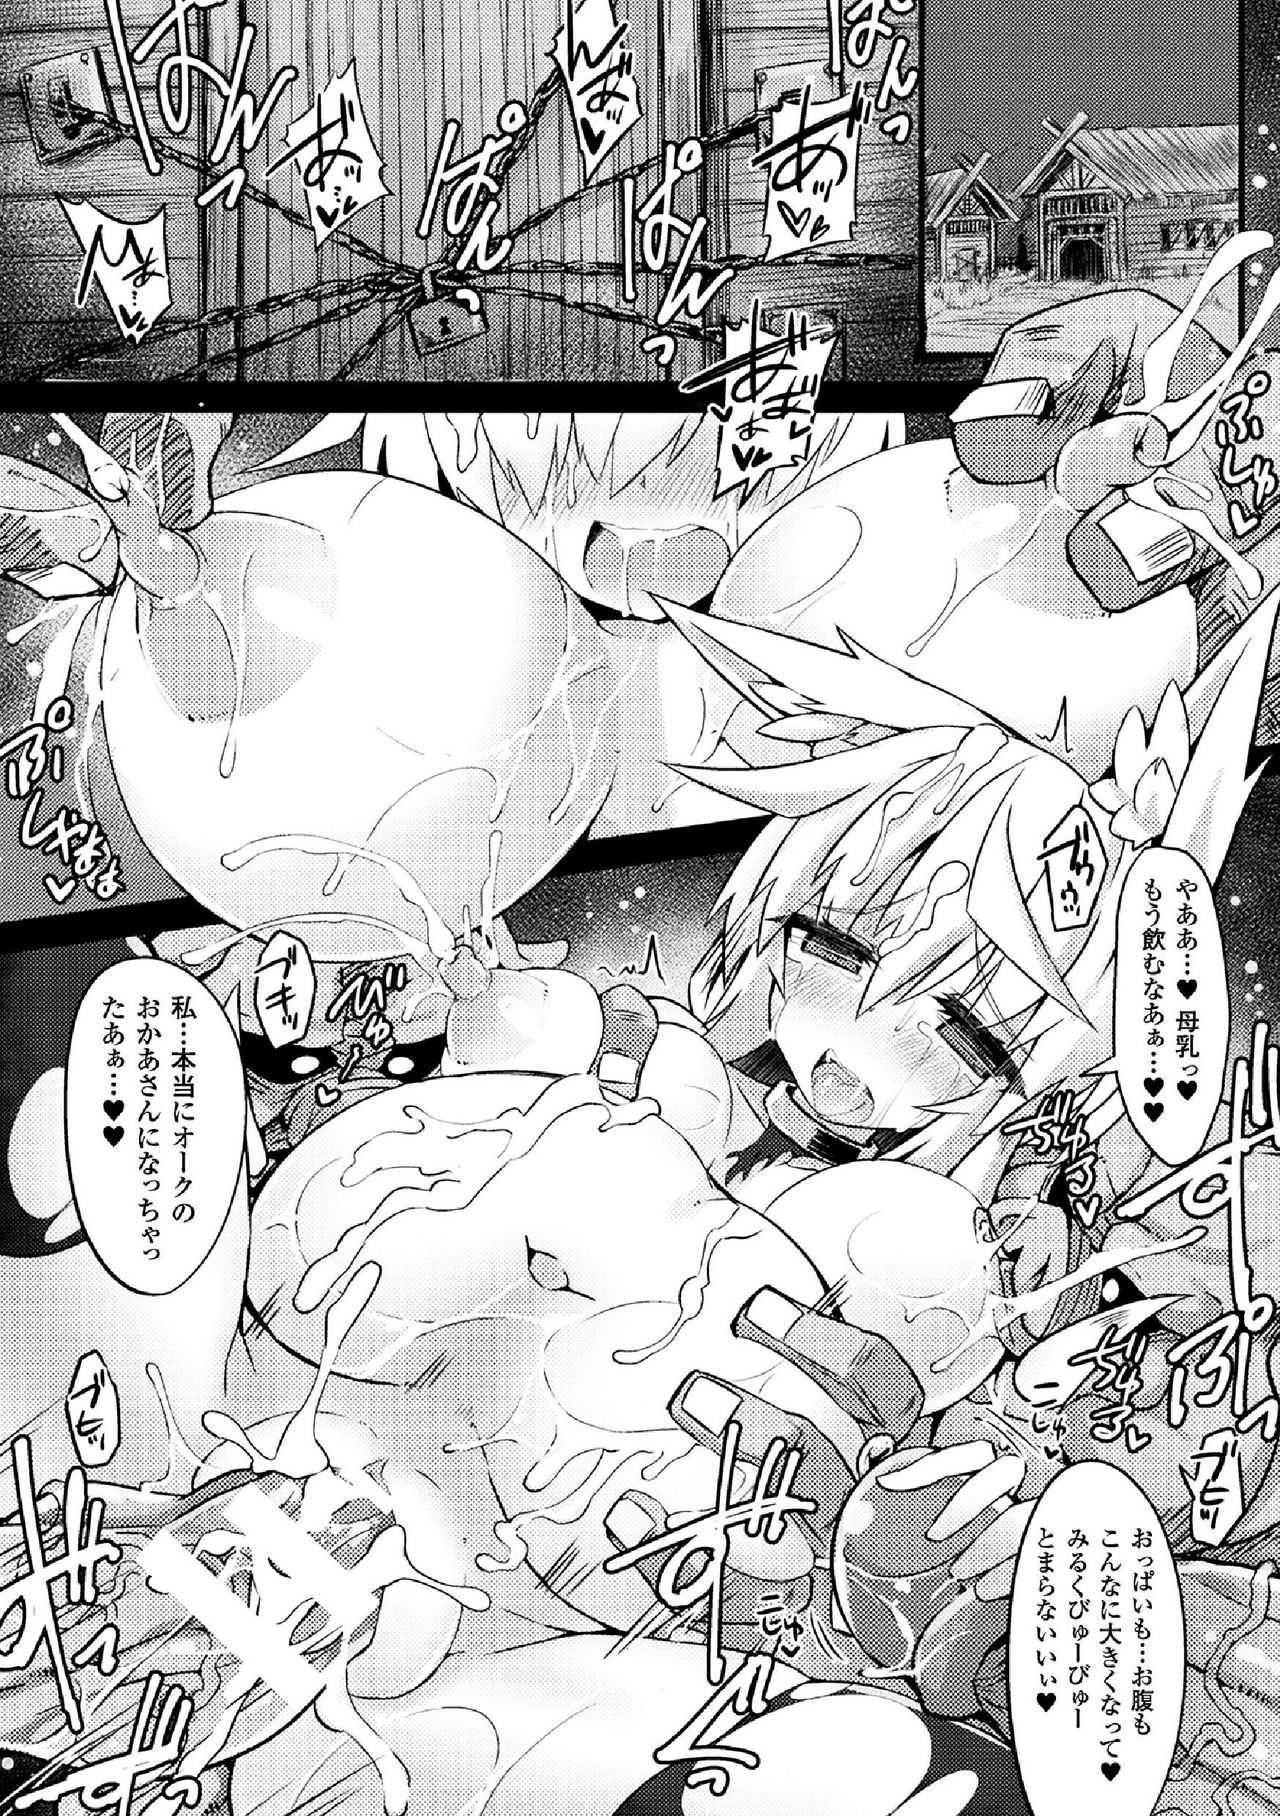 【エロ漫画】巨乳女騎士が醜いオークに犯され続け母乳を噴き出しながら出産www